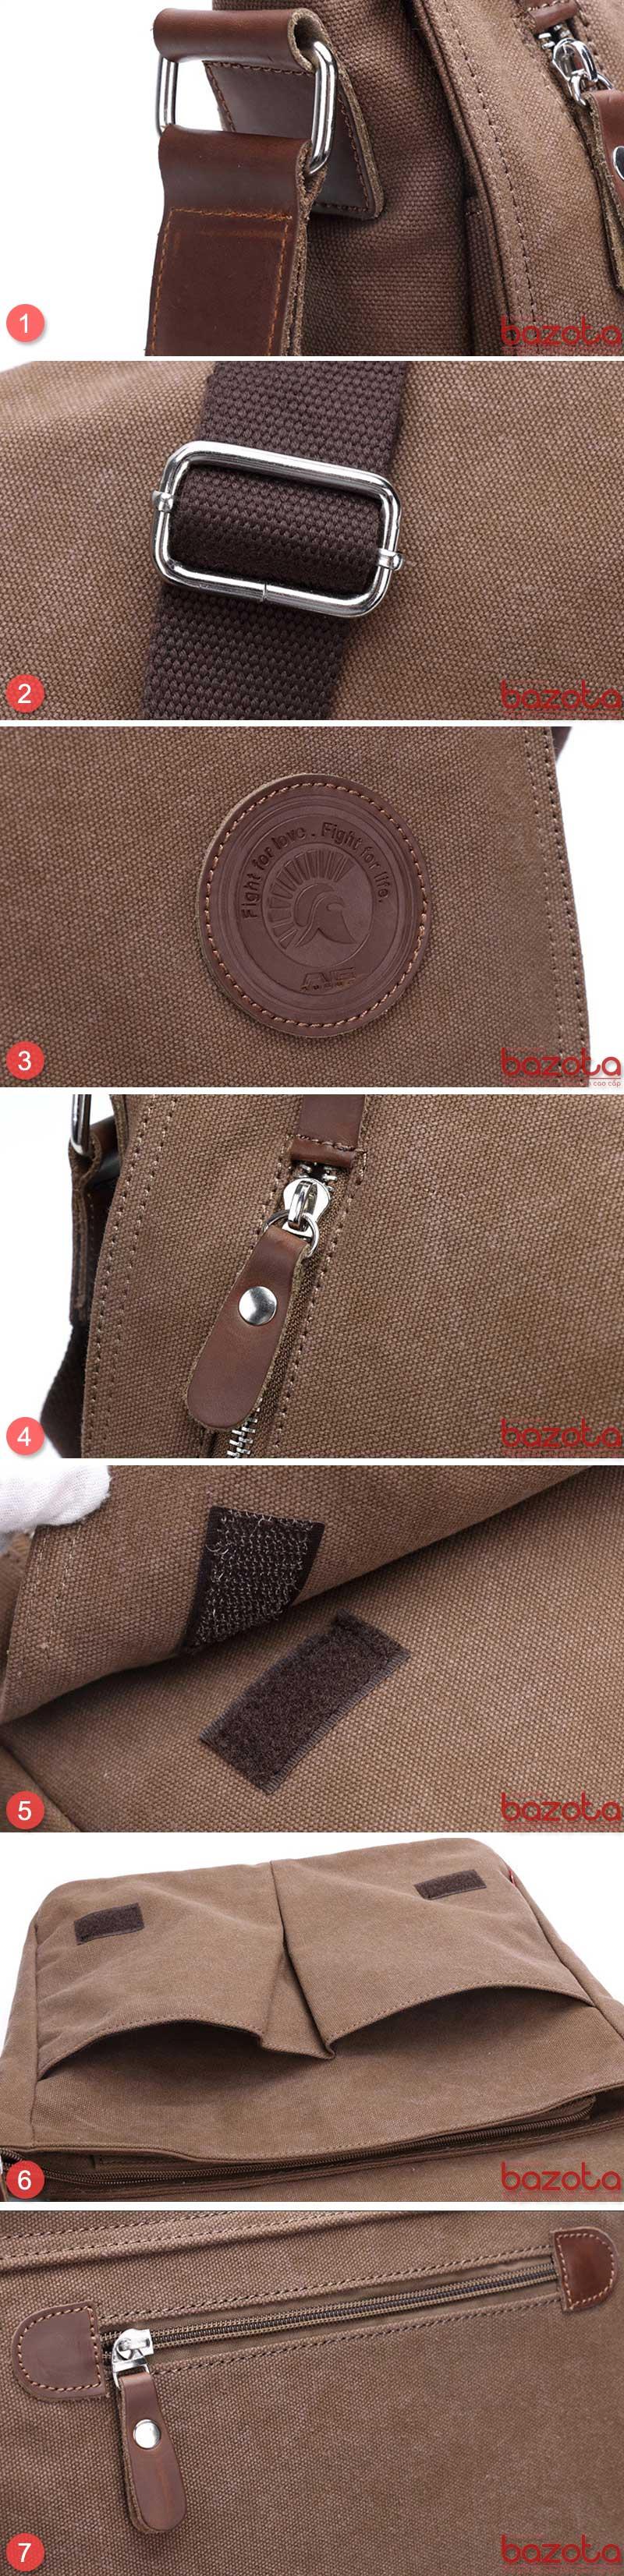 Từng chi tiết nhỏ được để ý, hoàn thiện với sự tỉ mỉ, mang đến chất lượng tốt nhất cho sản phẩm.